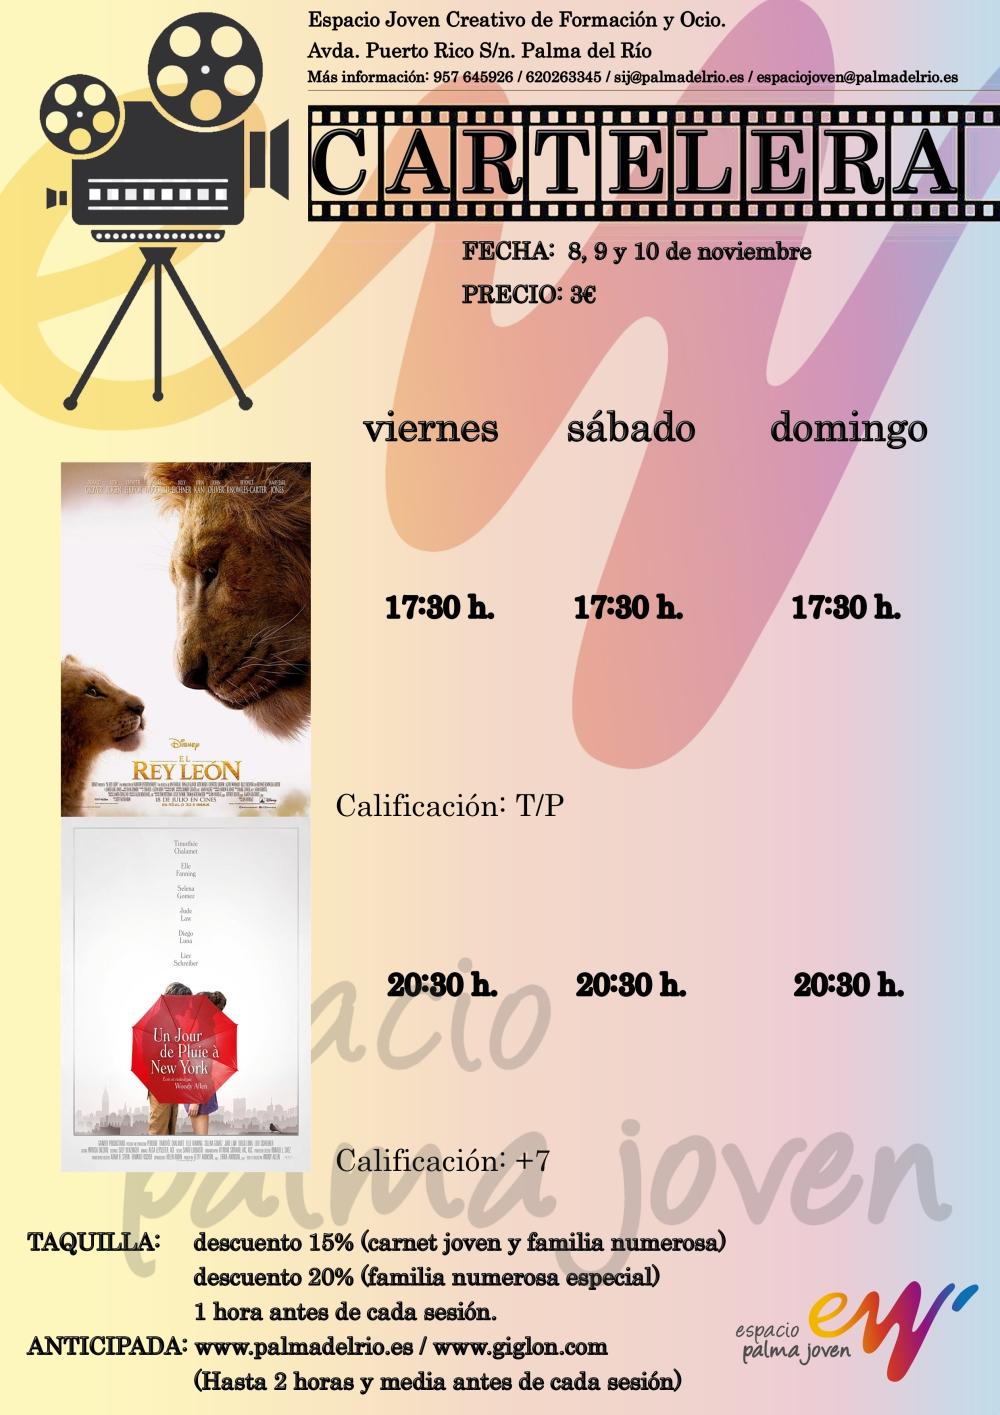 https://www.palmadelrio.es/sites/default/files/horario_cine_8_9_y_10_noviembre.jpg